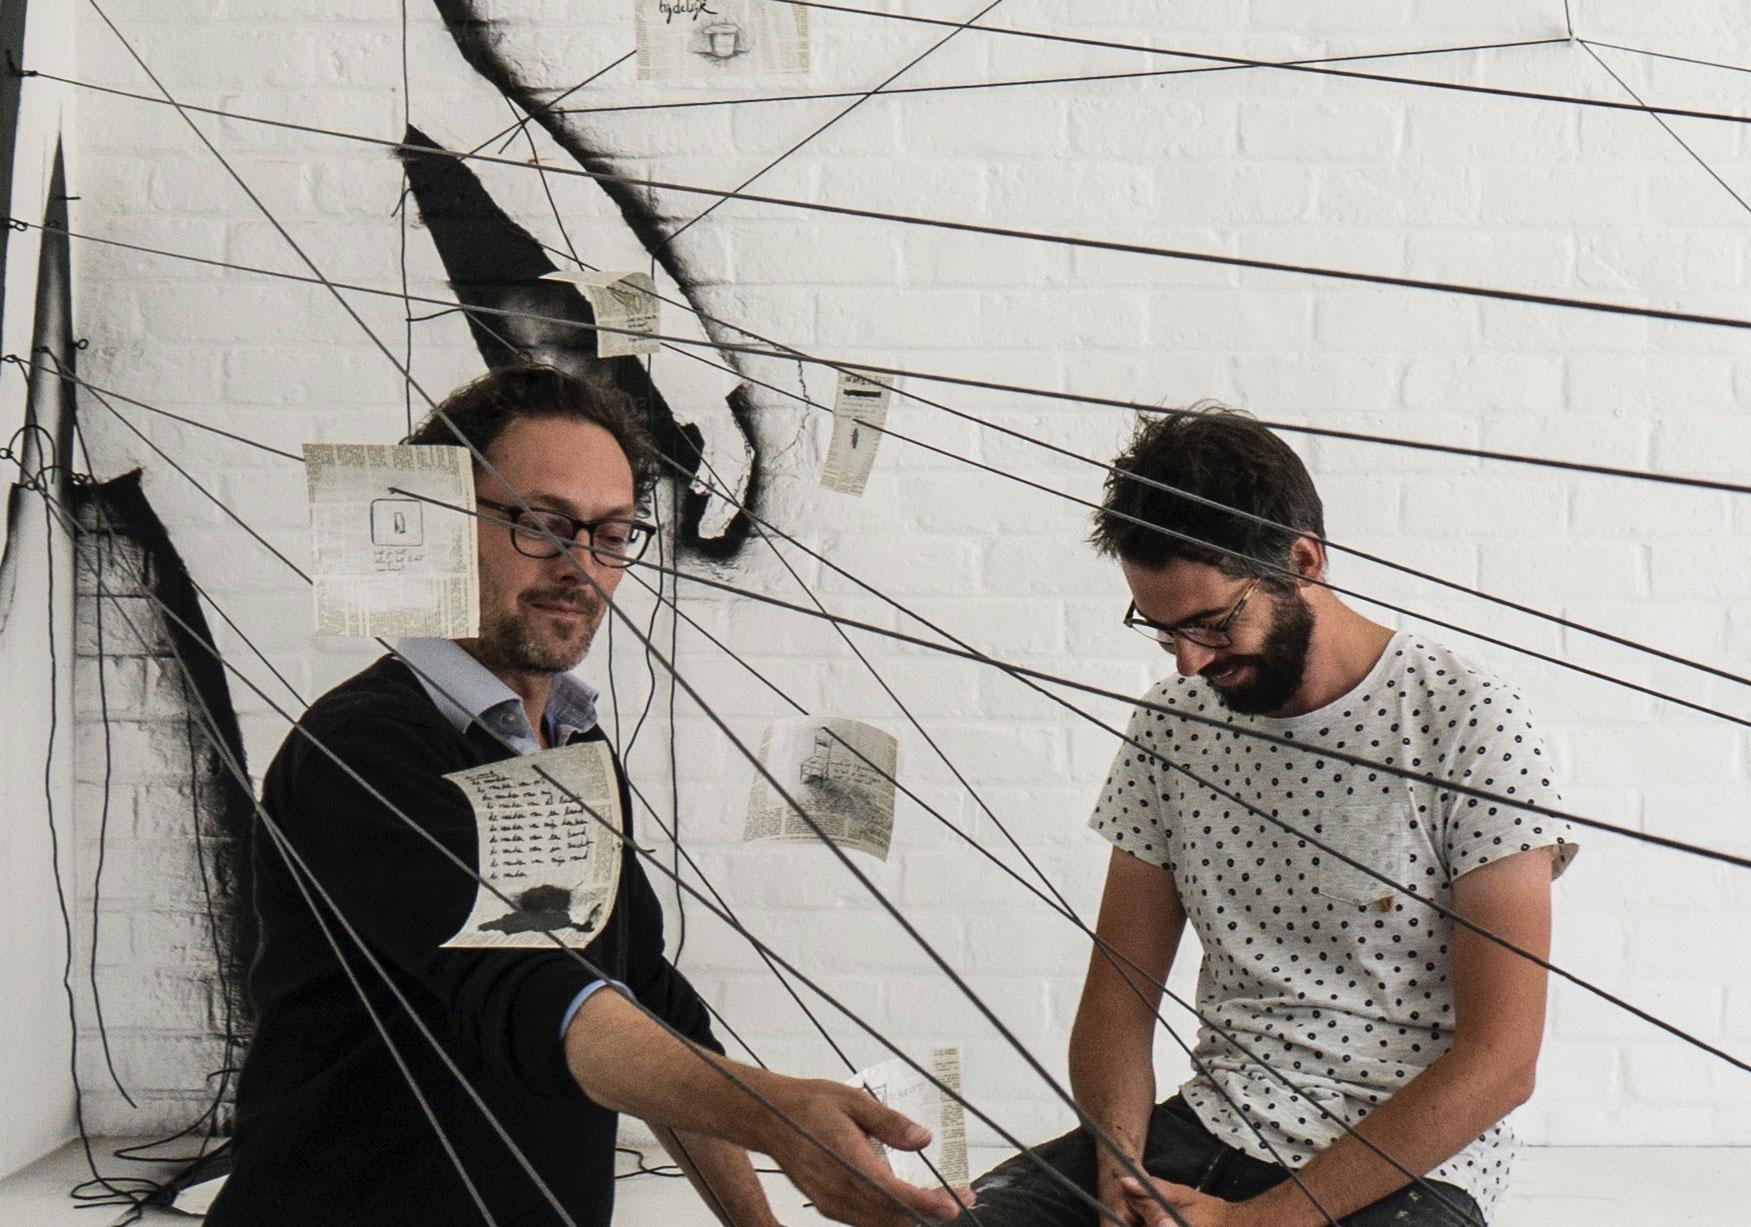 Michaël Vandebril en Kristof Devos in Watou voor het project 'De Muur'